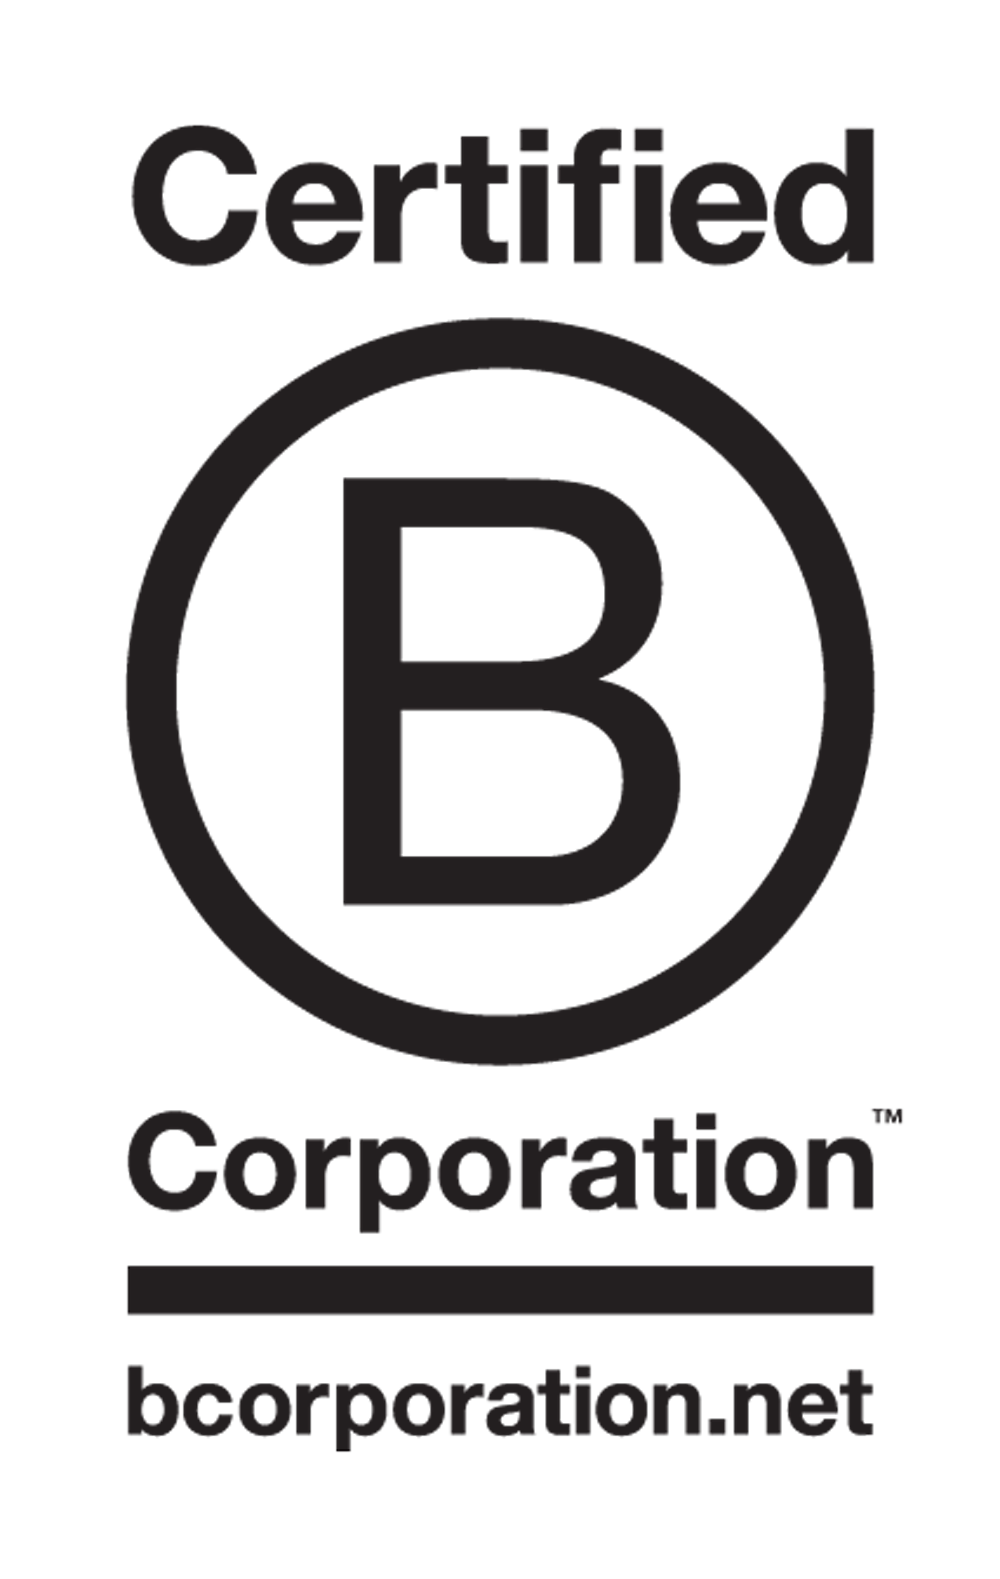 BCorp_logo_transparent.png